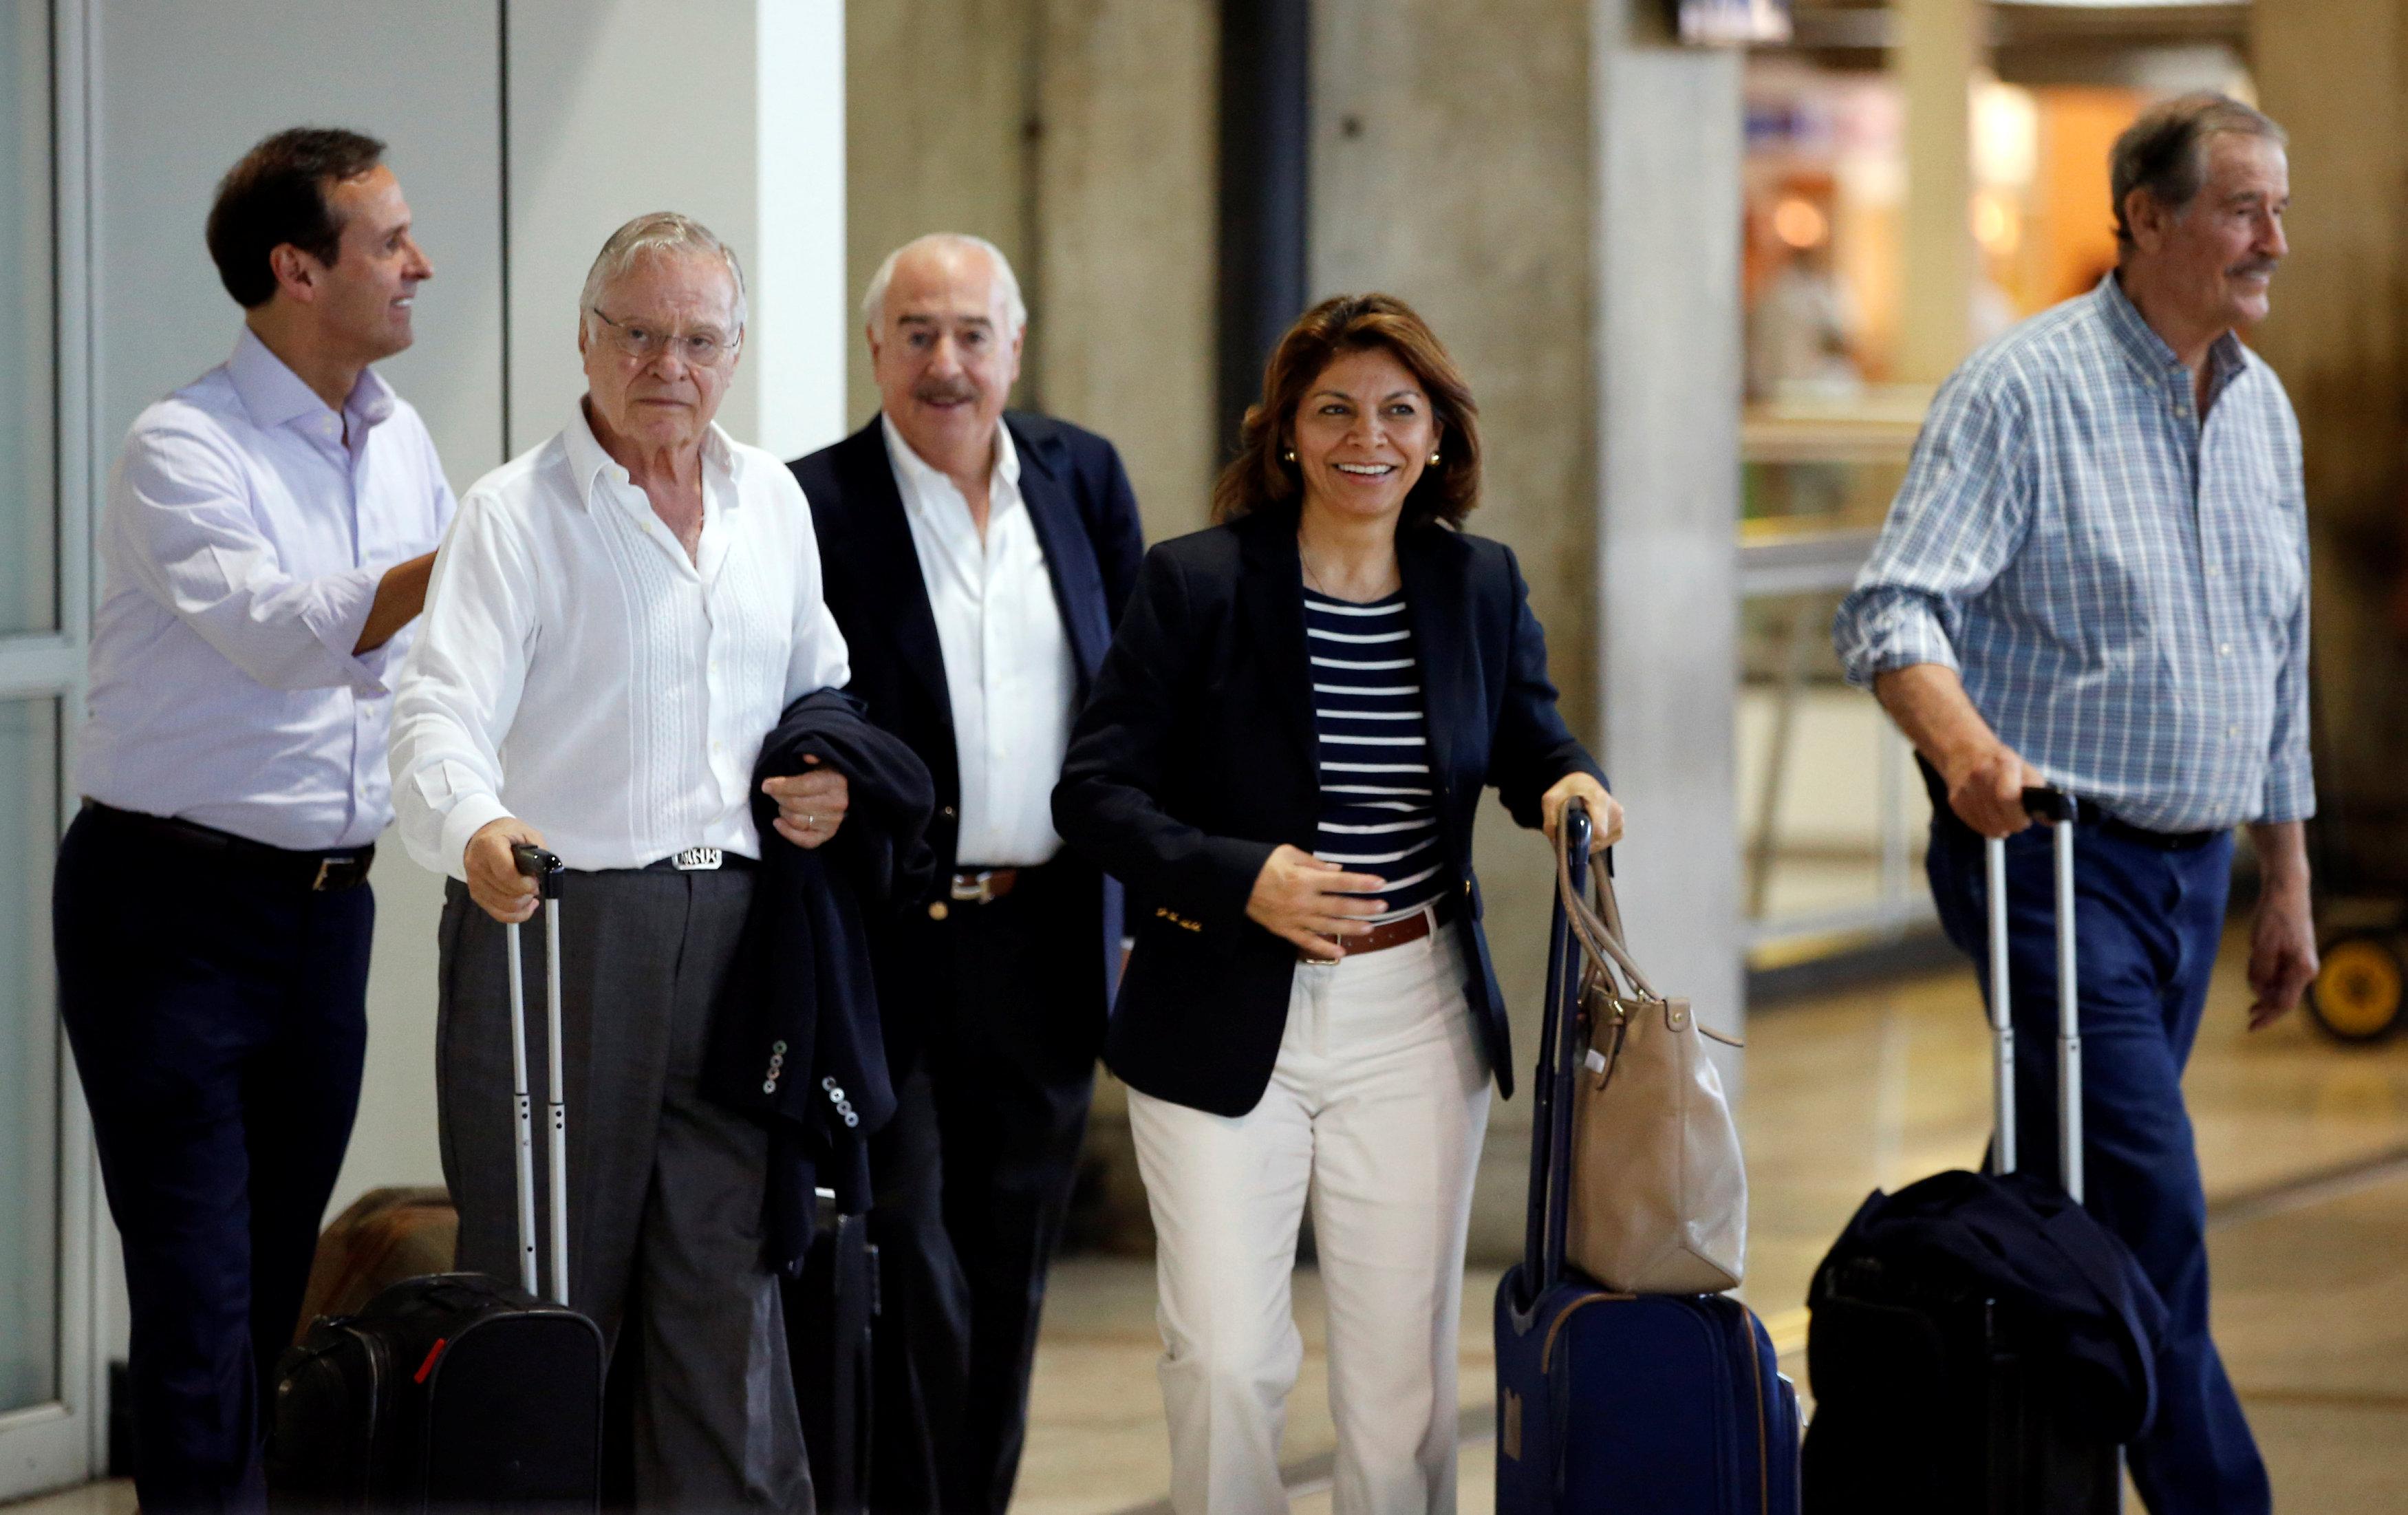 Ex presidentes de Costa Rica, Bolivia, Colombia y México arribaron Venezuela como garantes de la jornada democrática. (REUTERS/Andres Martinez Casares)